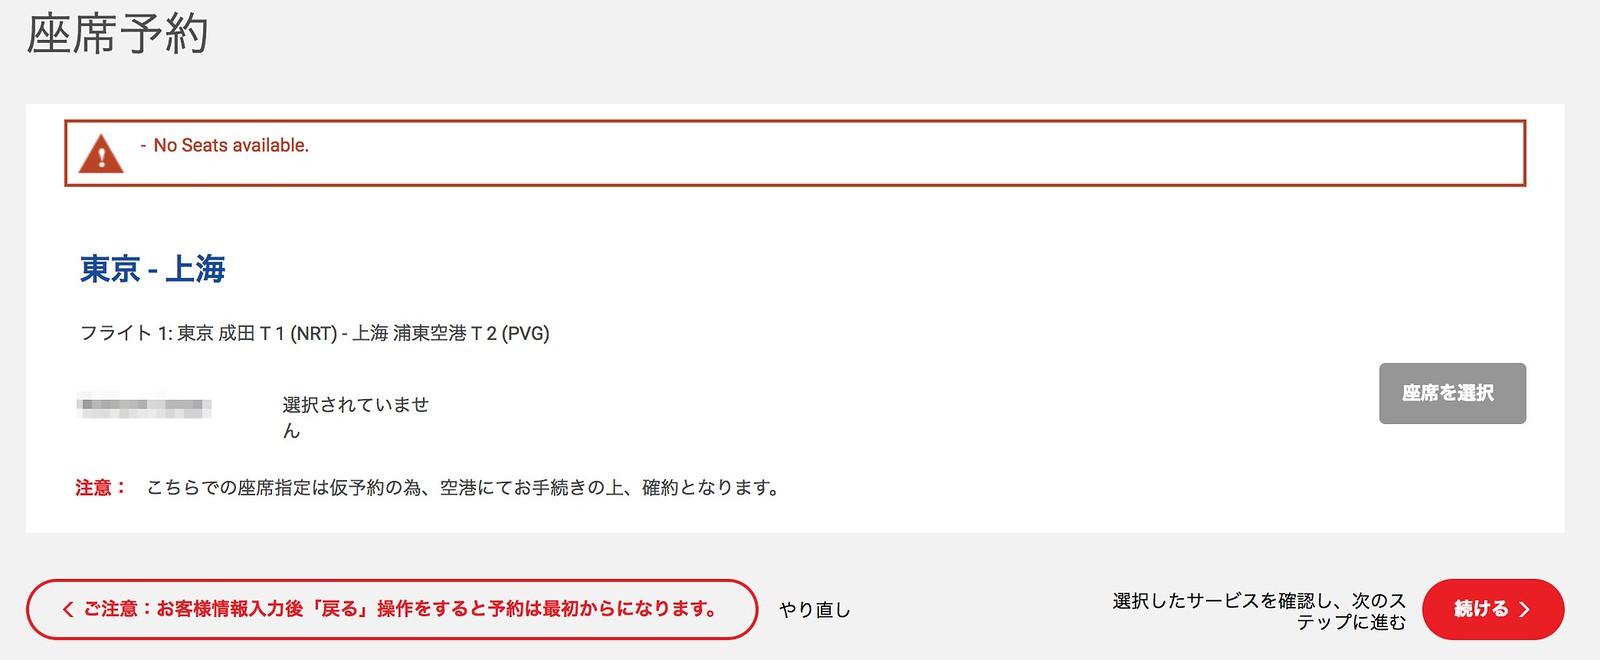 中国国際航空・日本公式サイト-08